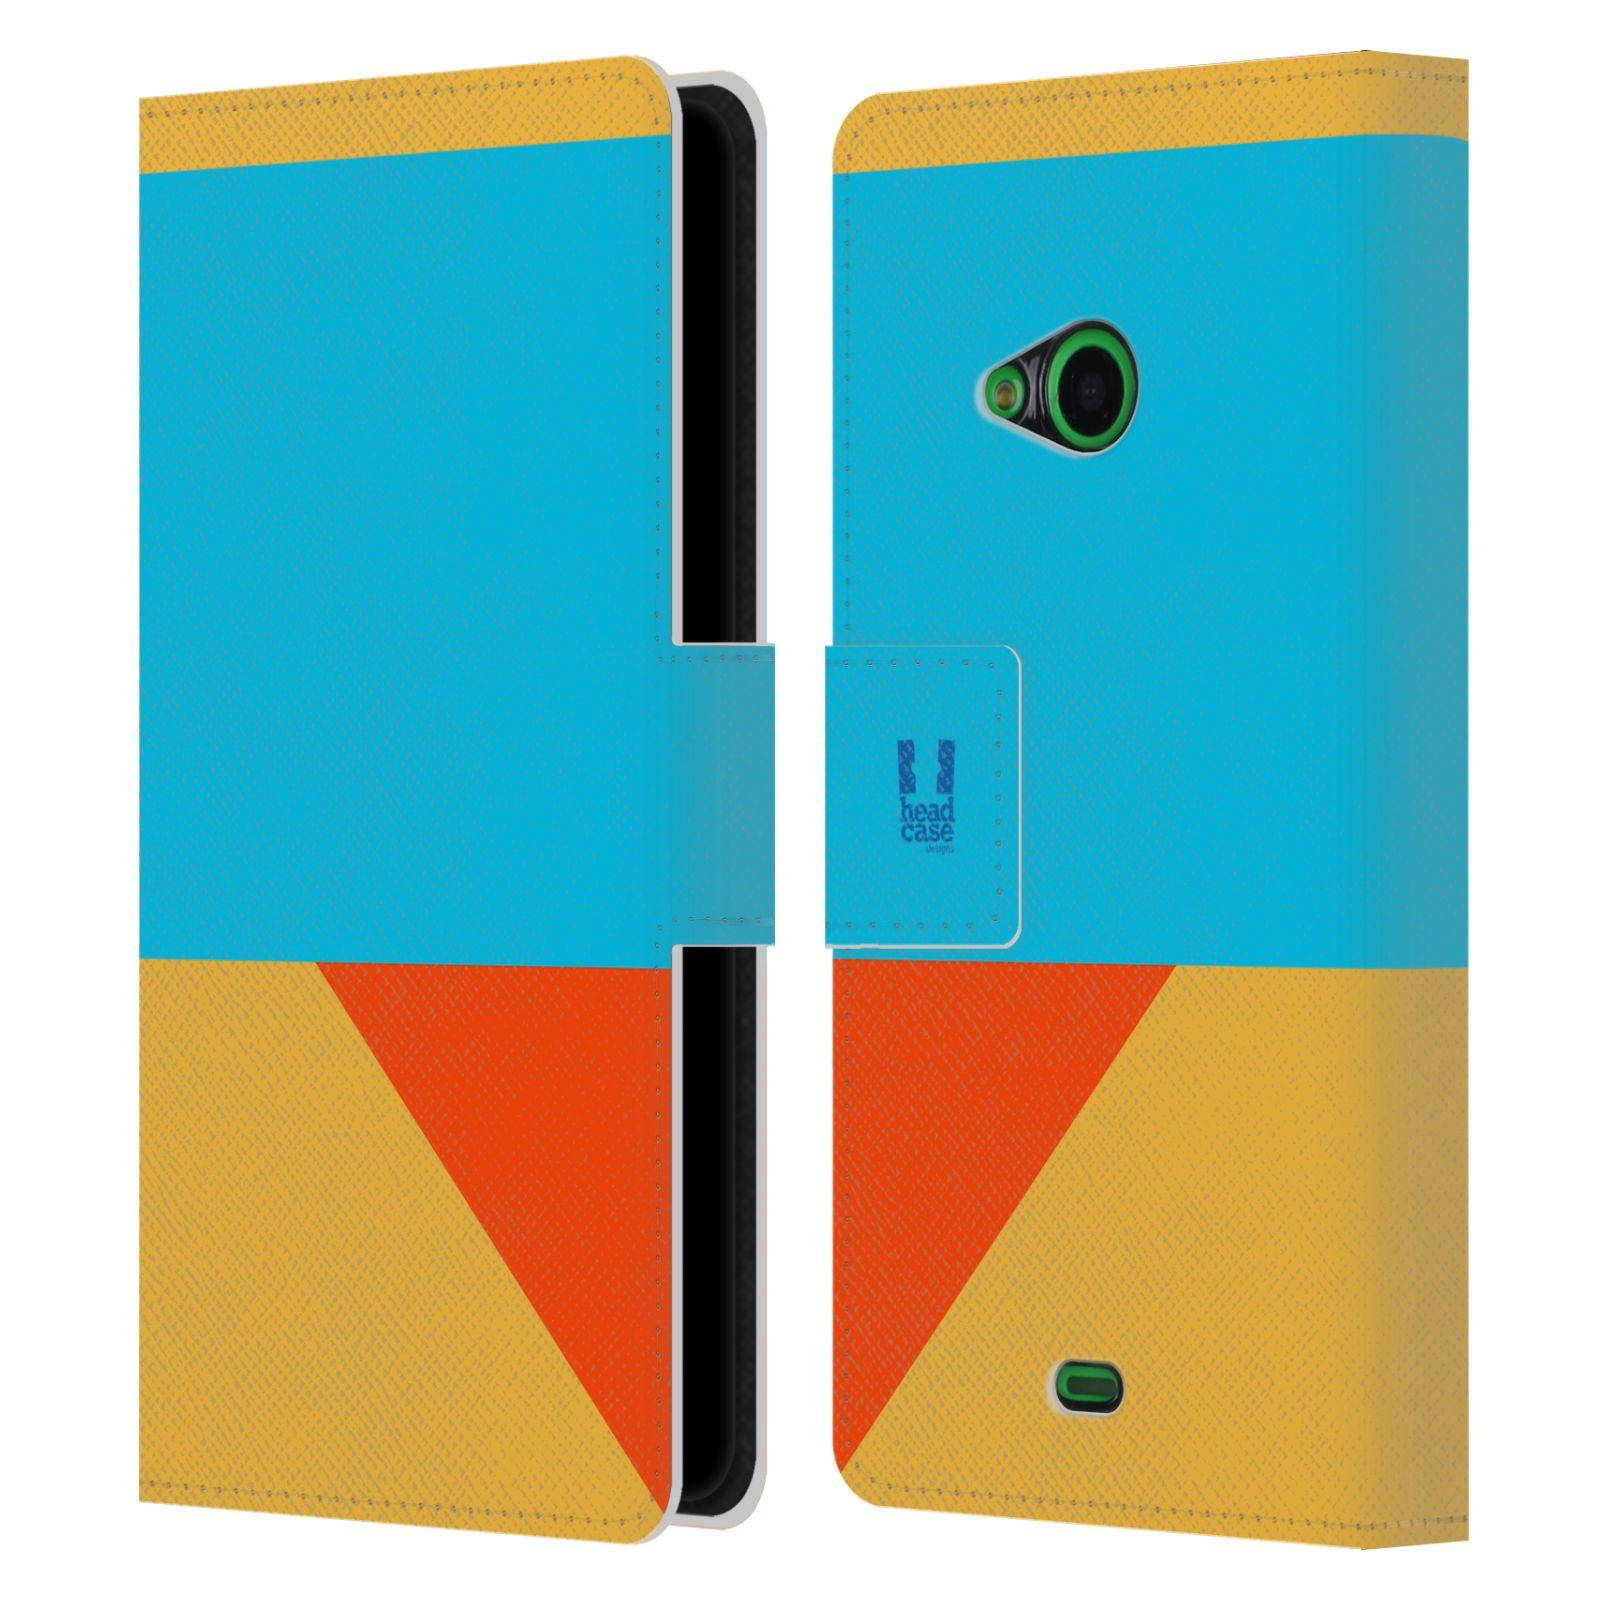 HEAD CASE Flipové pouzdro pro mobil Nokia LUMIA 535 barevné tvary béžová a modrá DAY WEAR